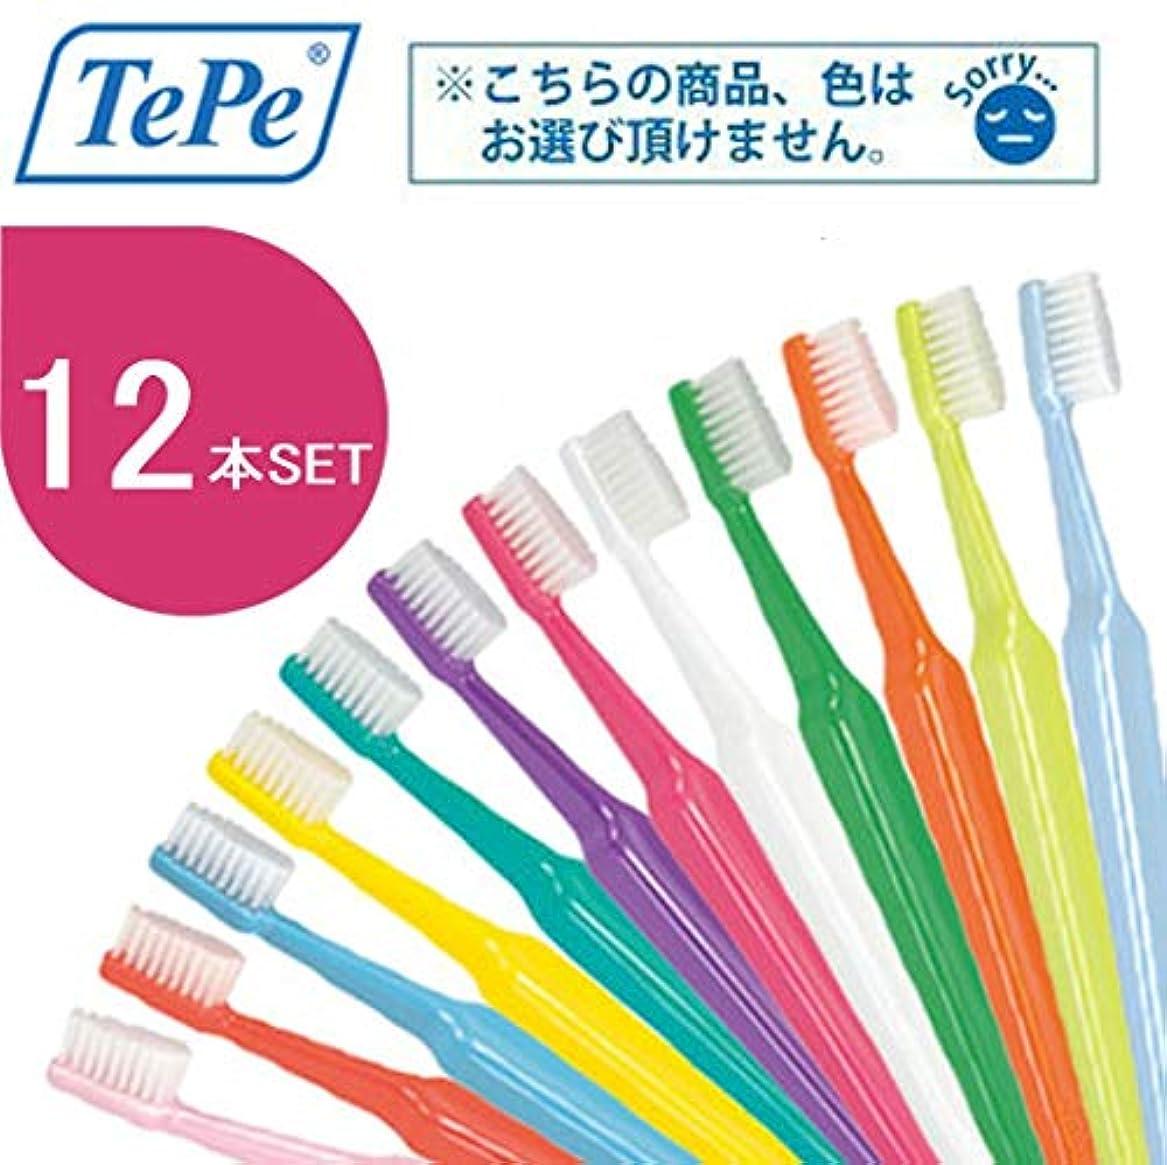 解体するウィザード身元クロスフィールド TePe テペ セレクト 歯ブラシ 12本 (ミディアム)